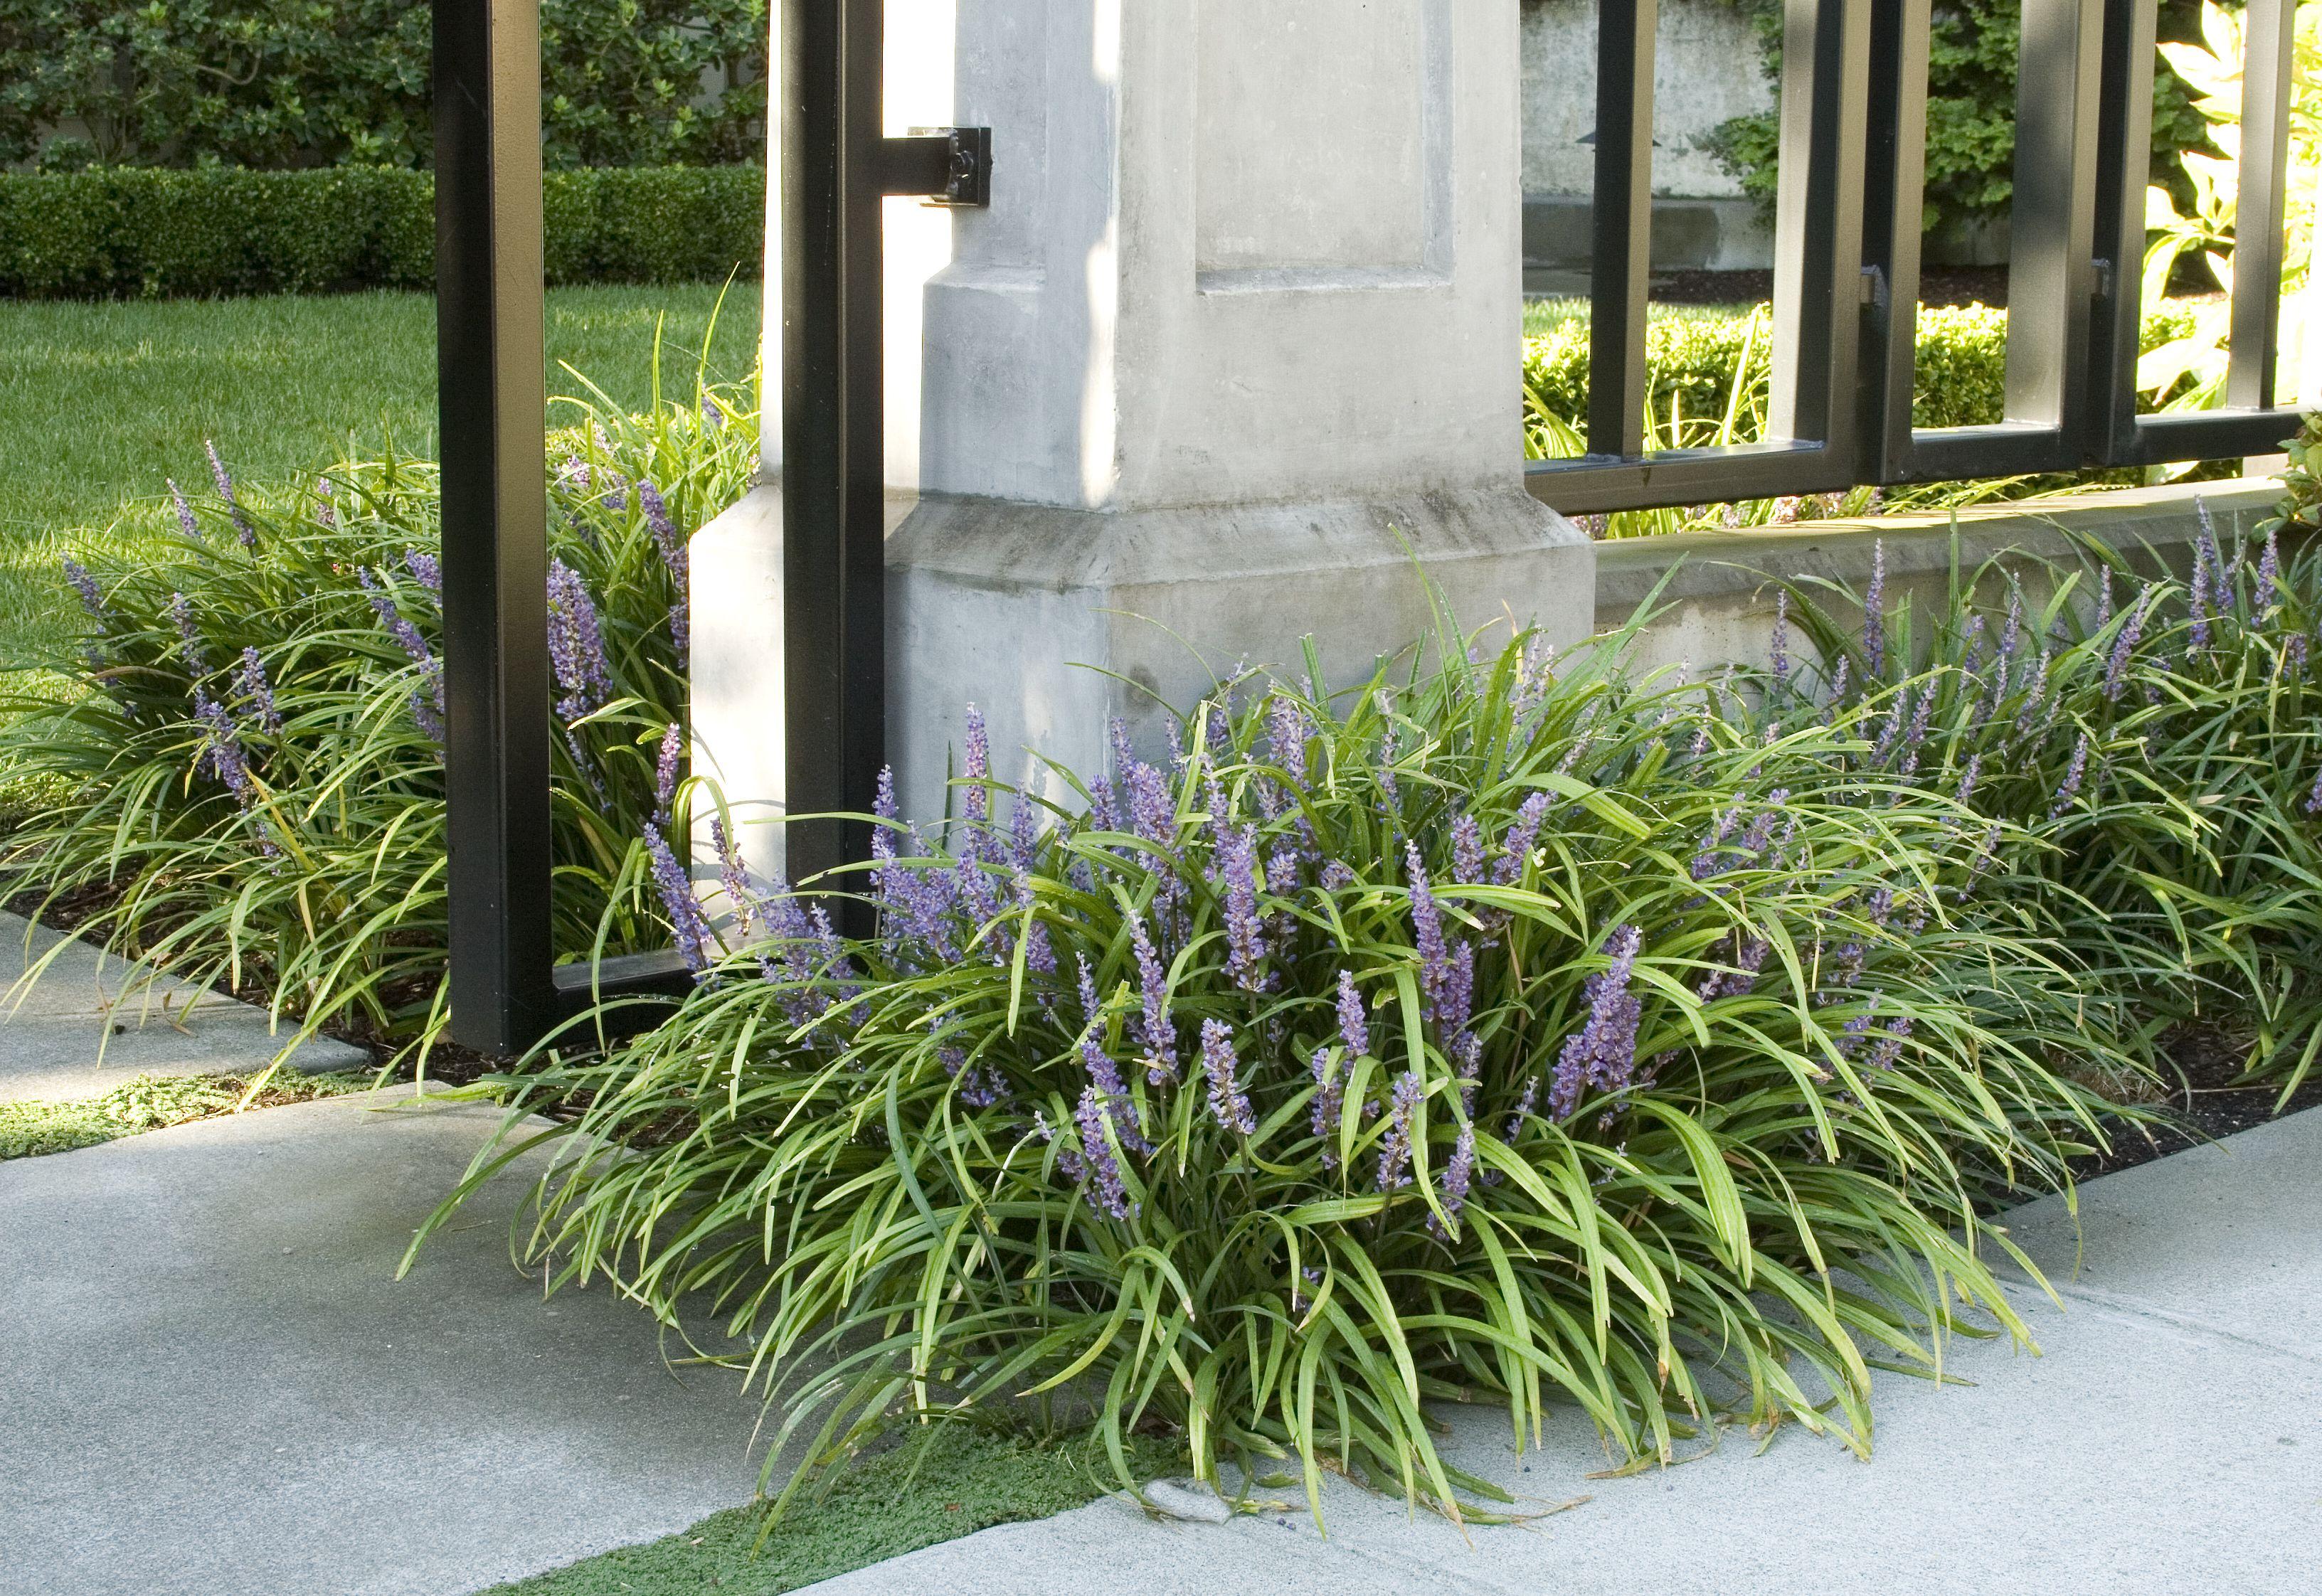 Creeping Lilyturf Monrovia Creeping Lily Turf Is A Grass Like